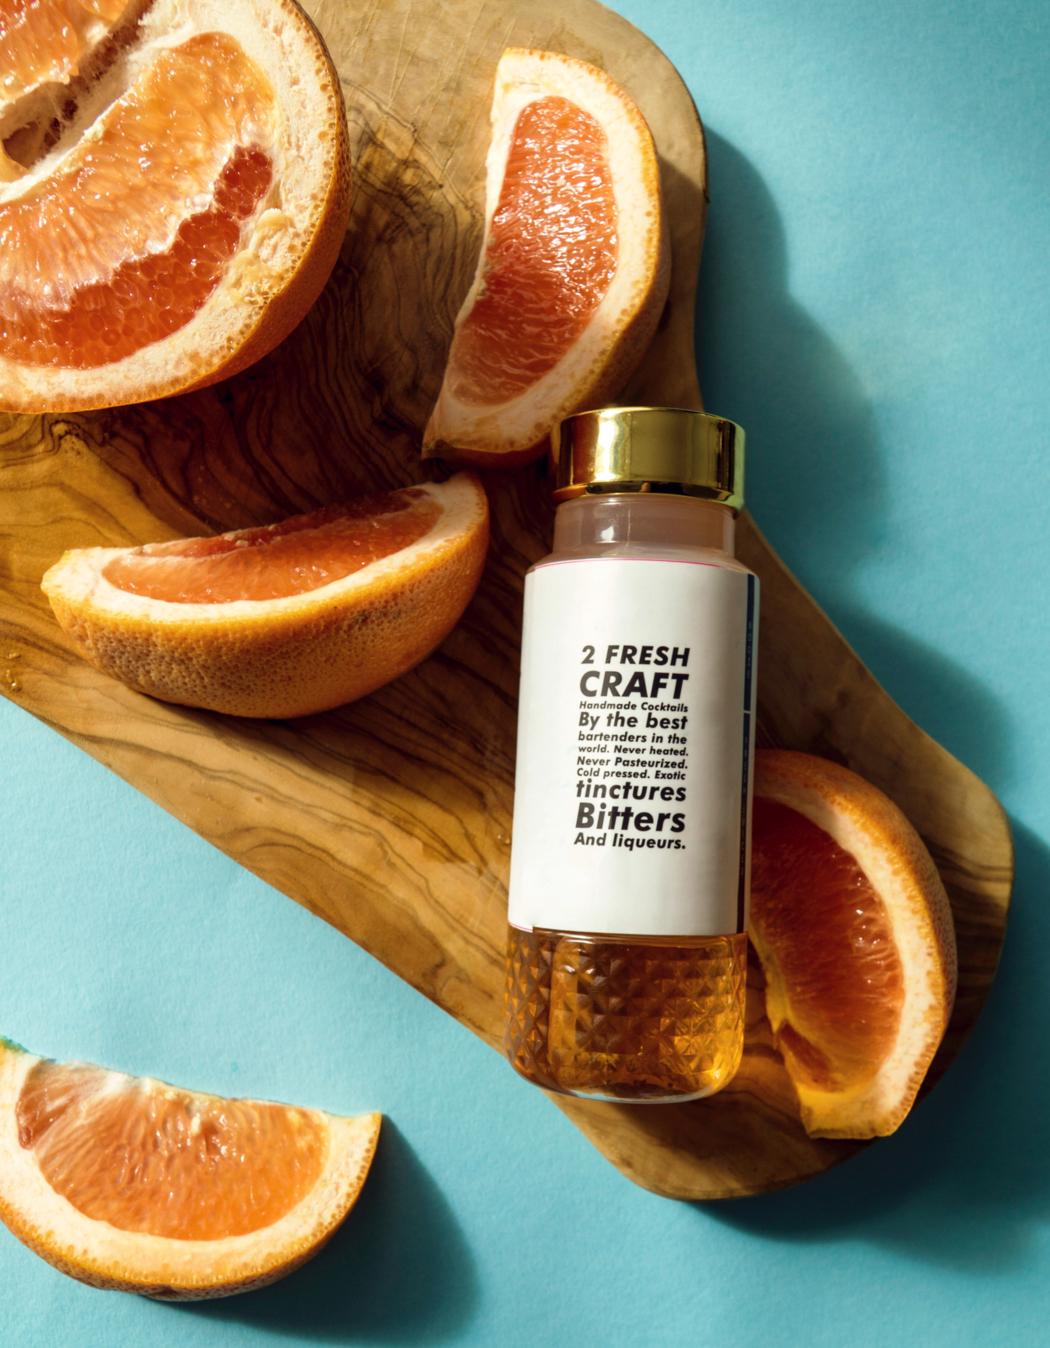 Twist. Shake. Pour. - Pre-bottled, un-mixed cocktails. Twist to mix it fresh.